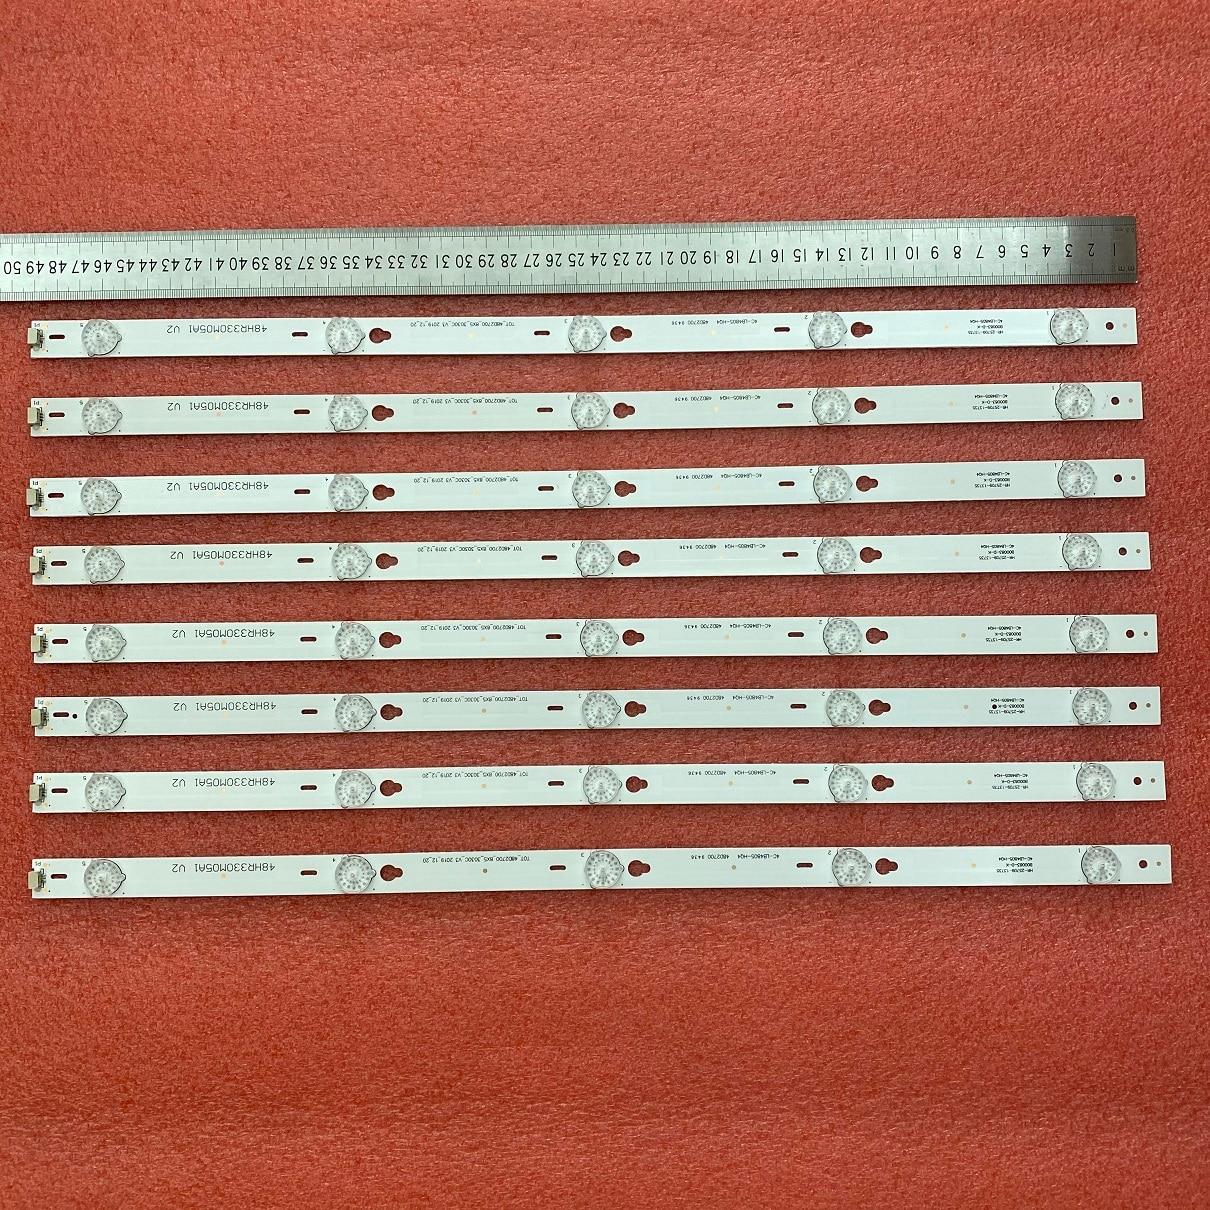 8pcs/set LED Backlight strip For THOMSON 48FA3203 48FA5413 48FA5403 48FS3750 48FA3204 48FS3003 4C-LB4805-YH1CK HQ4 LE48M4S1